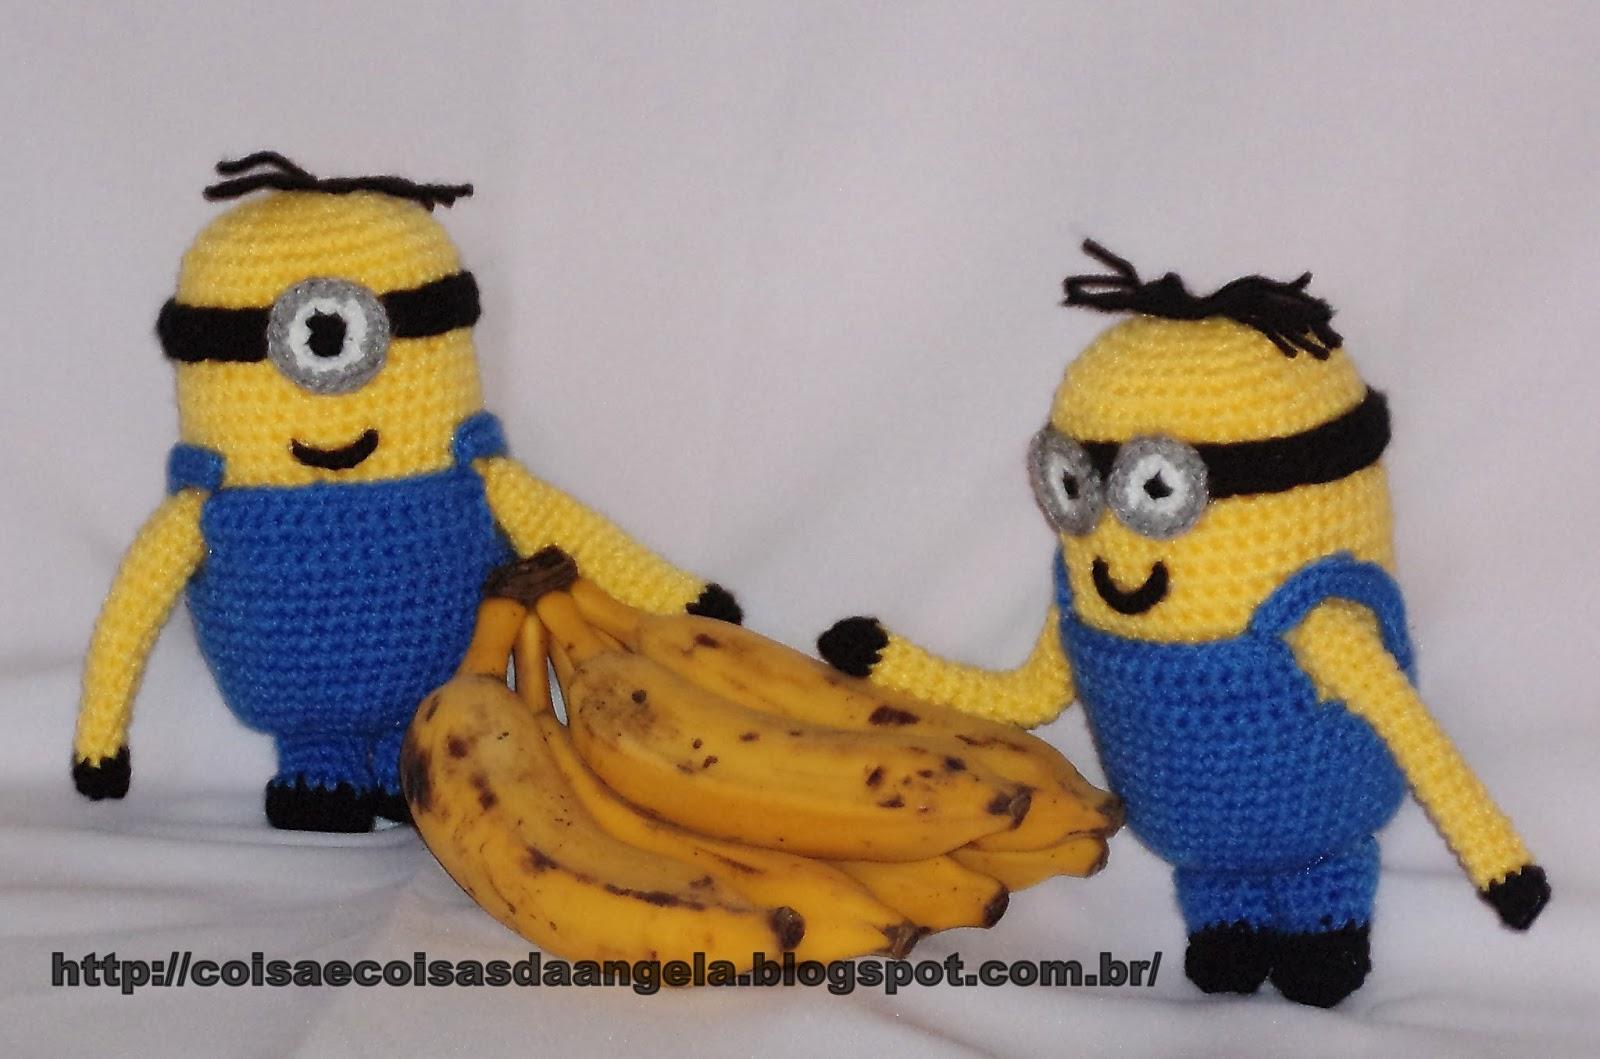 Tapete Minions De Croche : COISA E COISAS: Minions